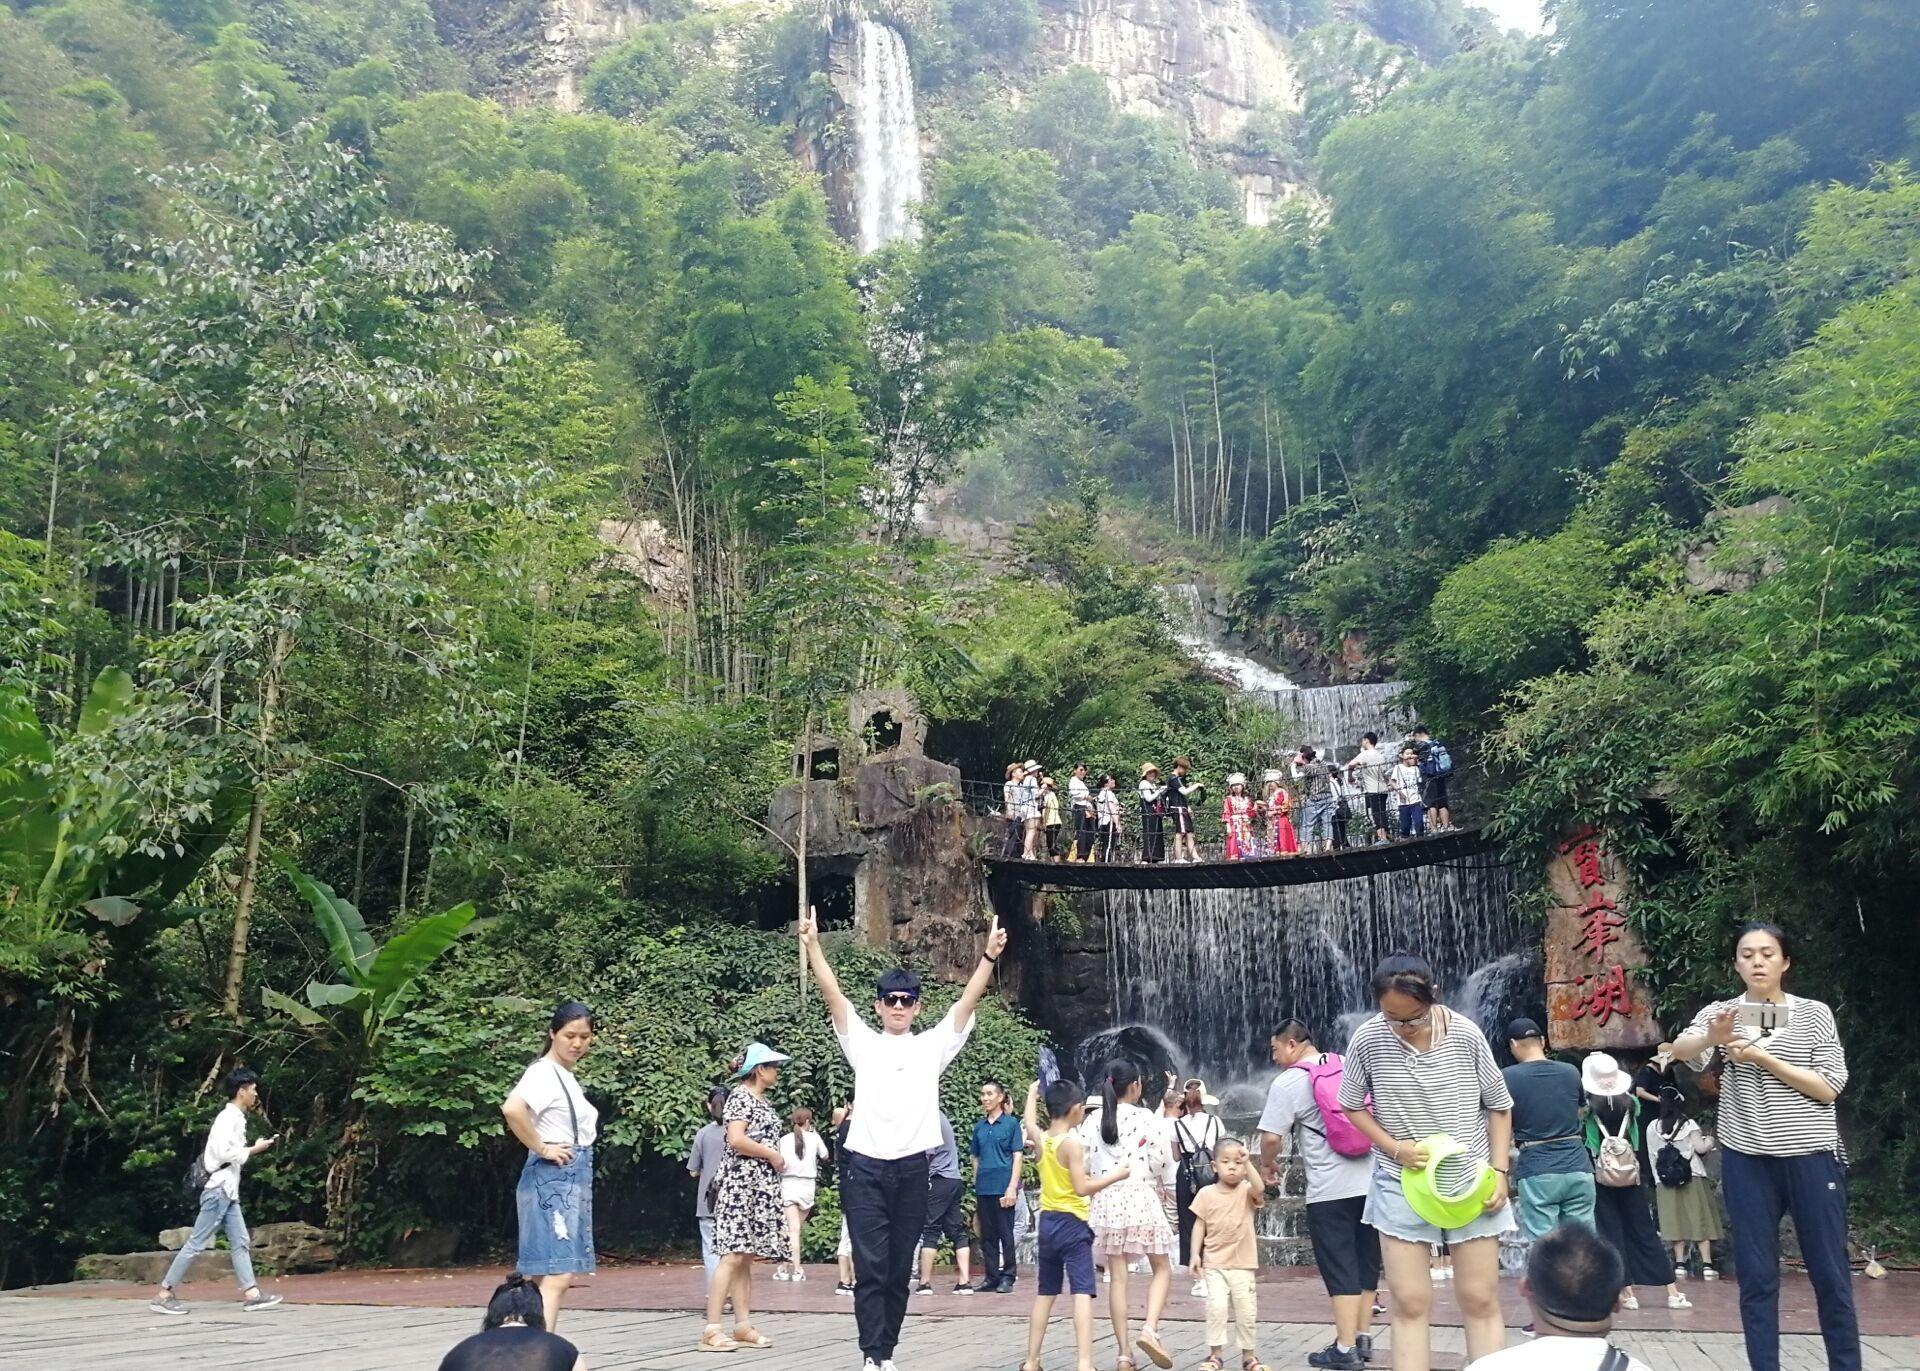 张家界旅游攻略:针对广东到张家界旅游专门做个实用的攻略